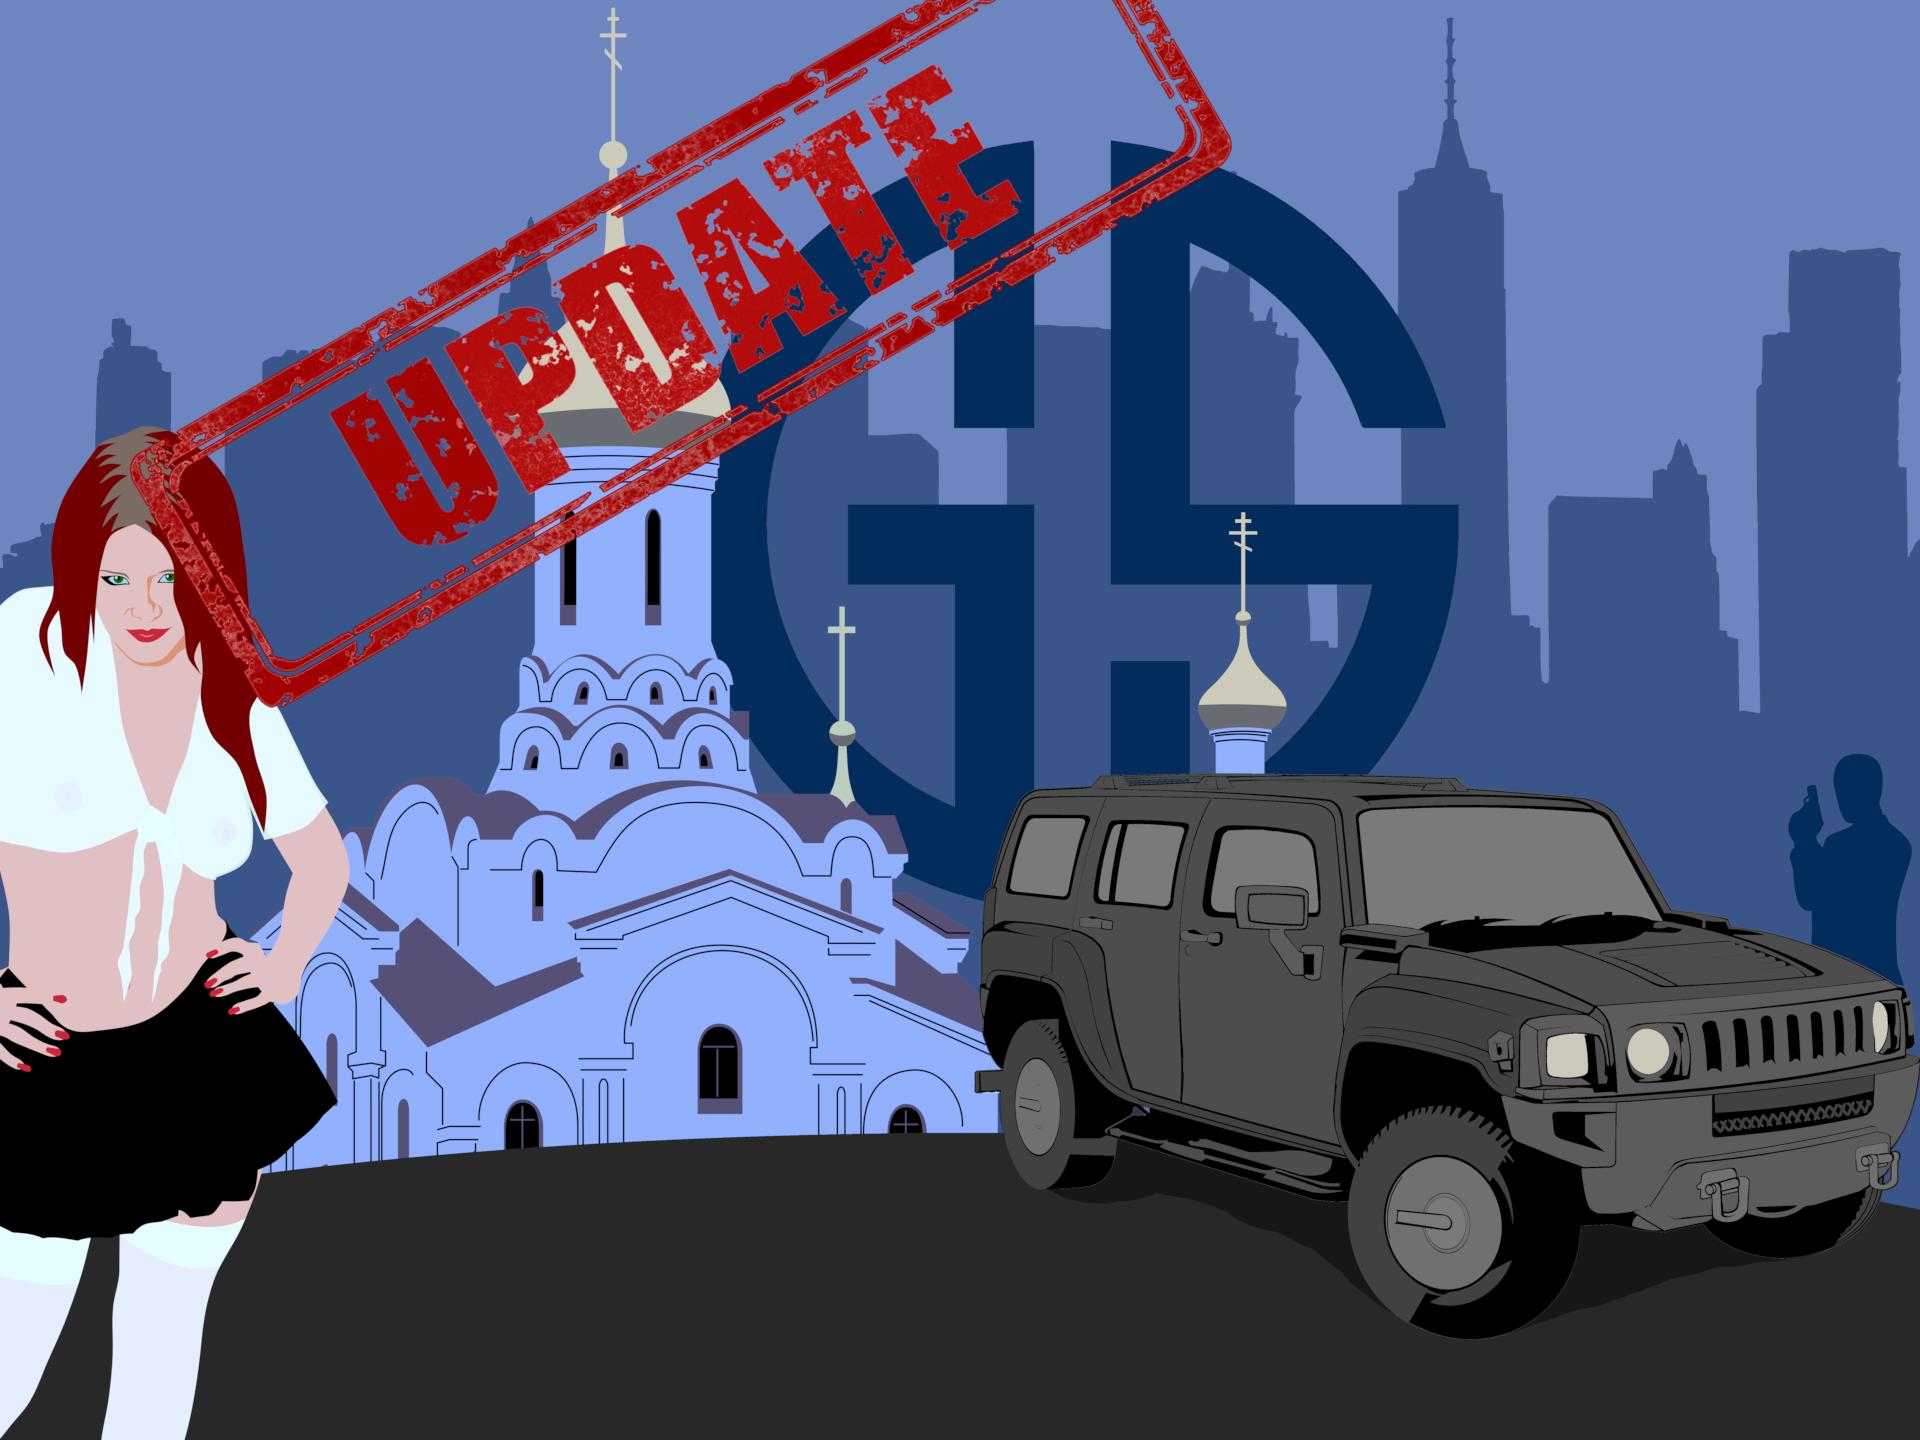 картинки со смыслом на криминальную россию благодаря фитнес